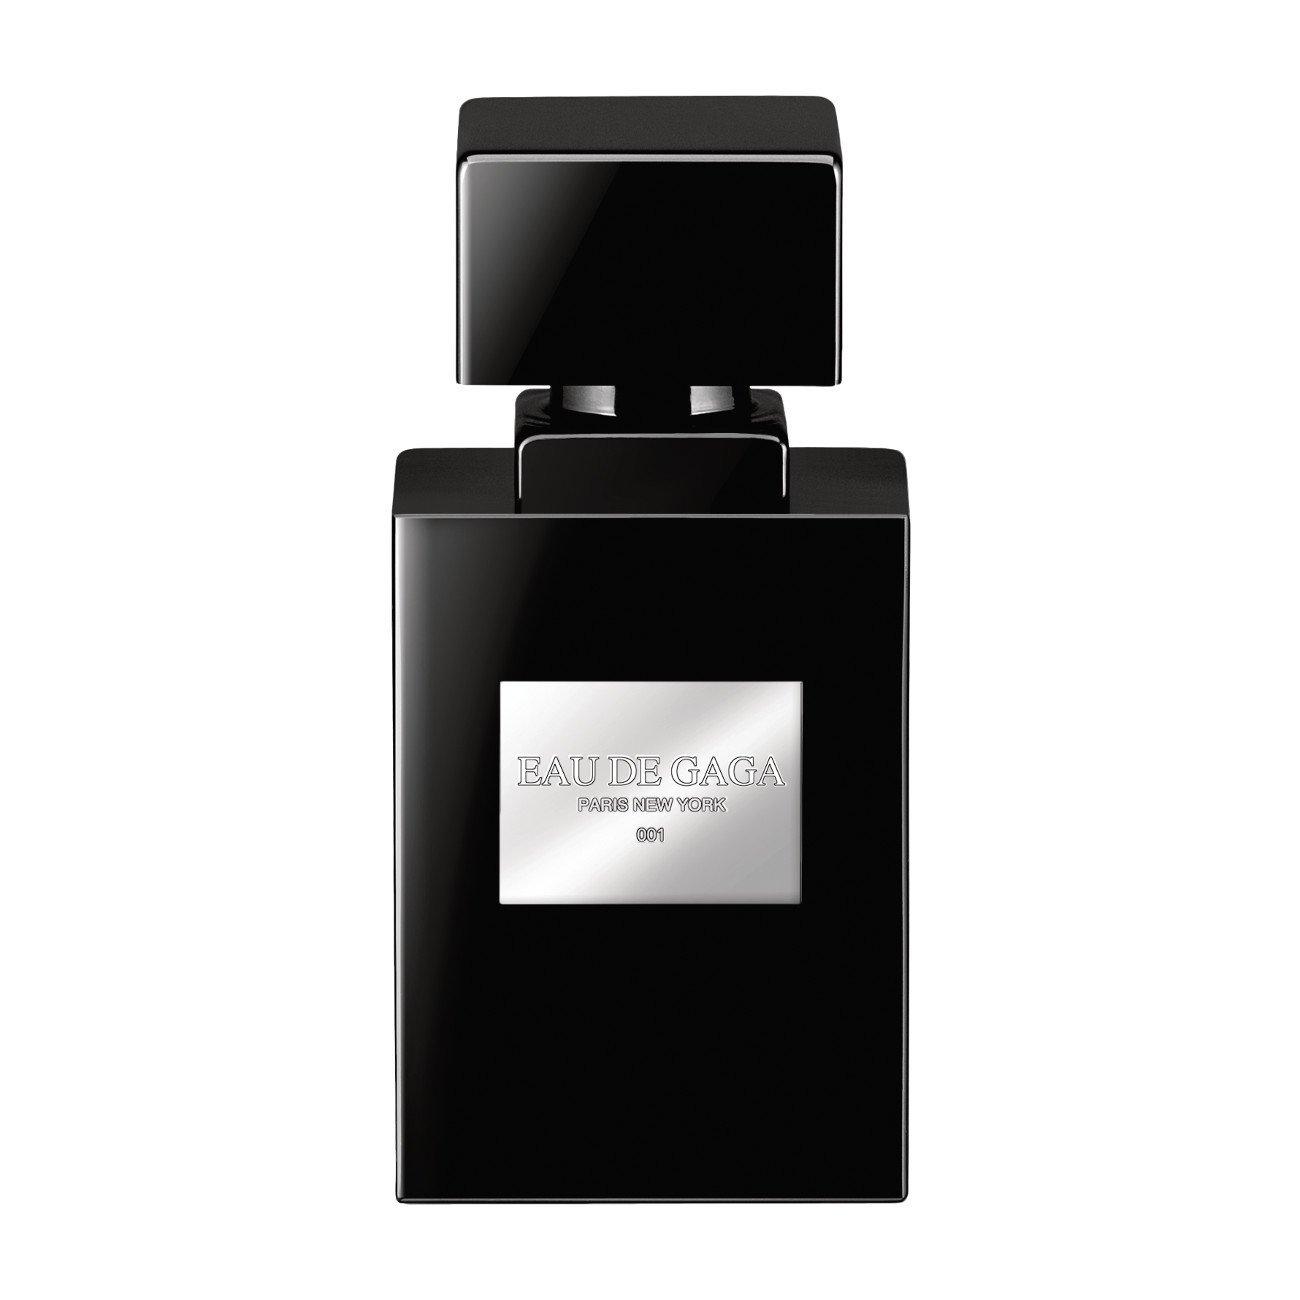 Apa de Parfum Lady Gaga Eau de Gaga